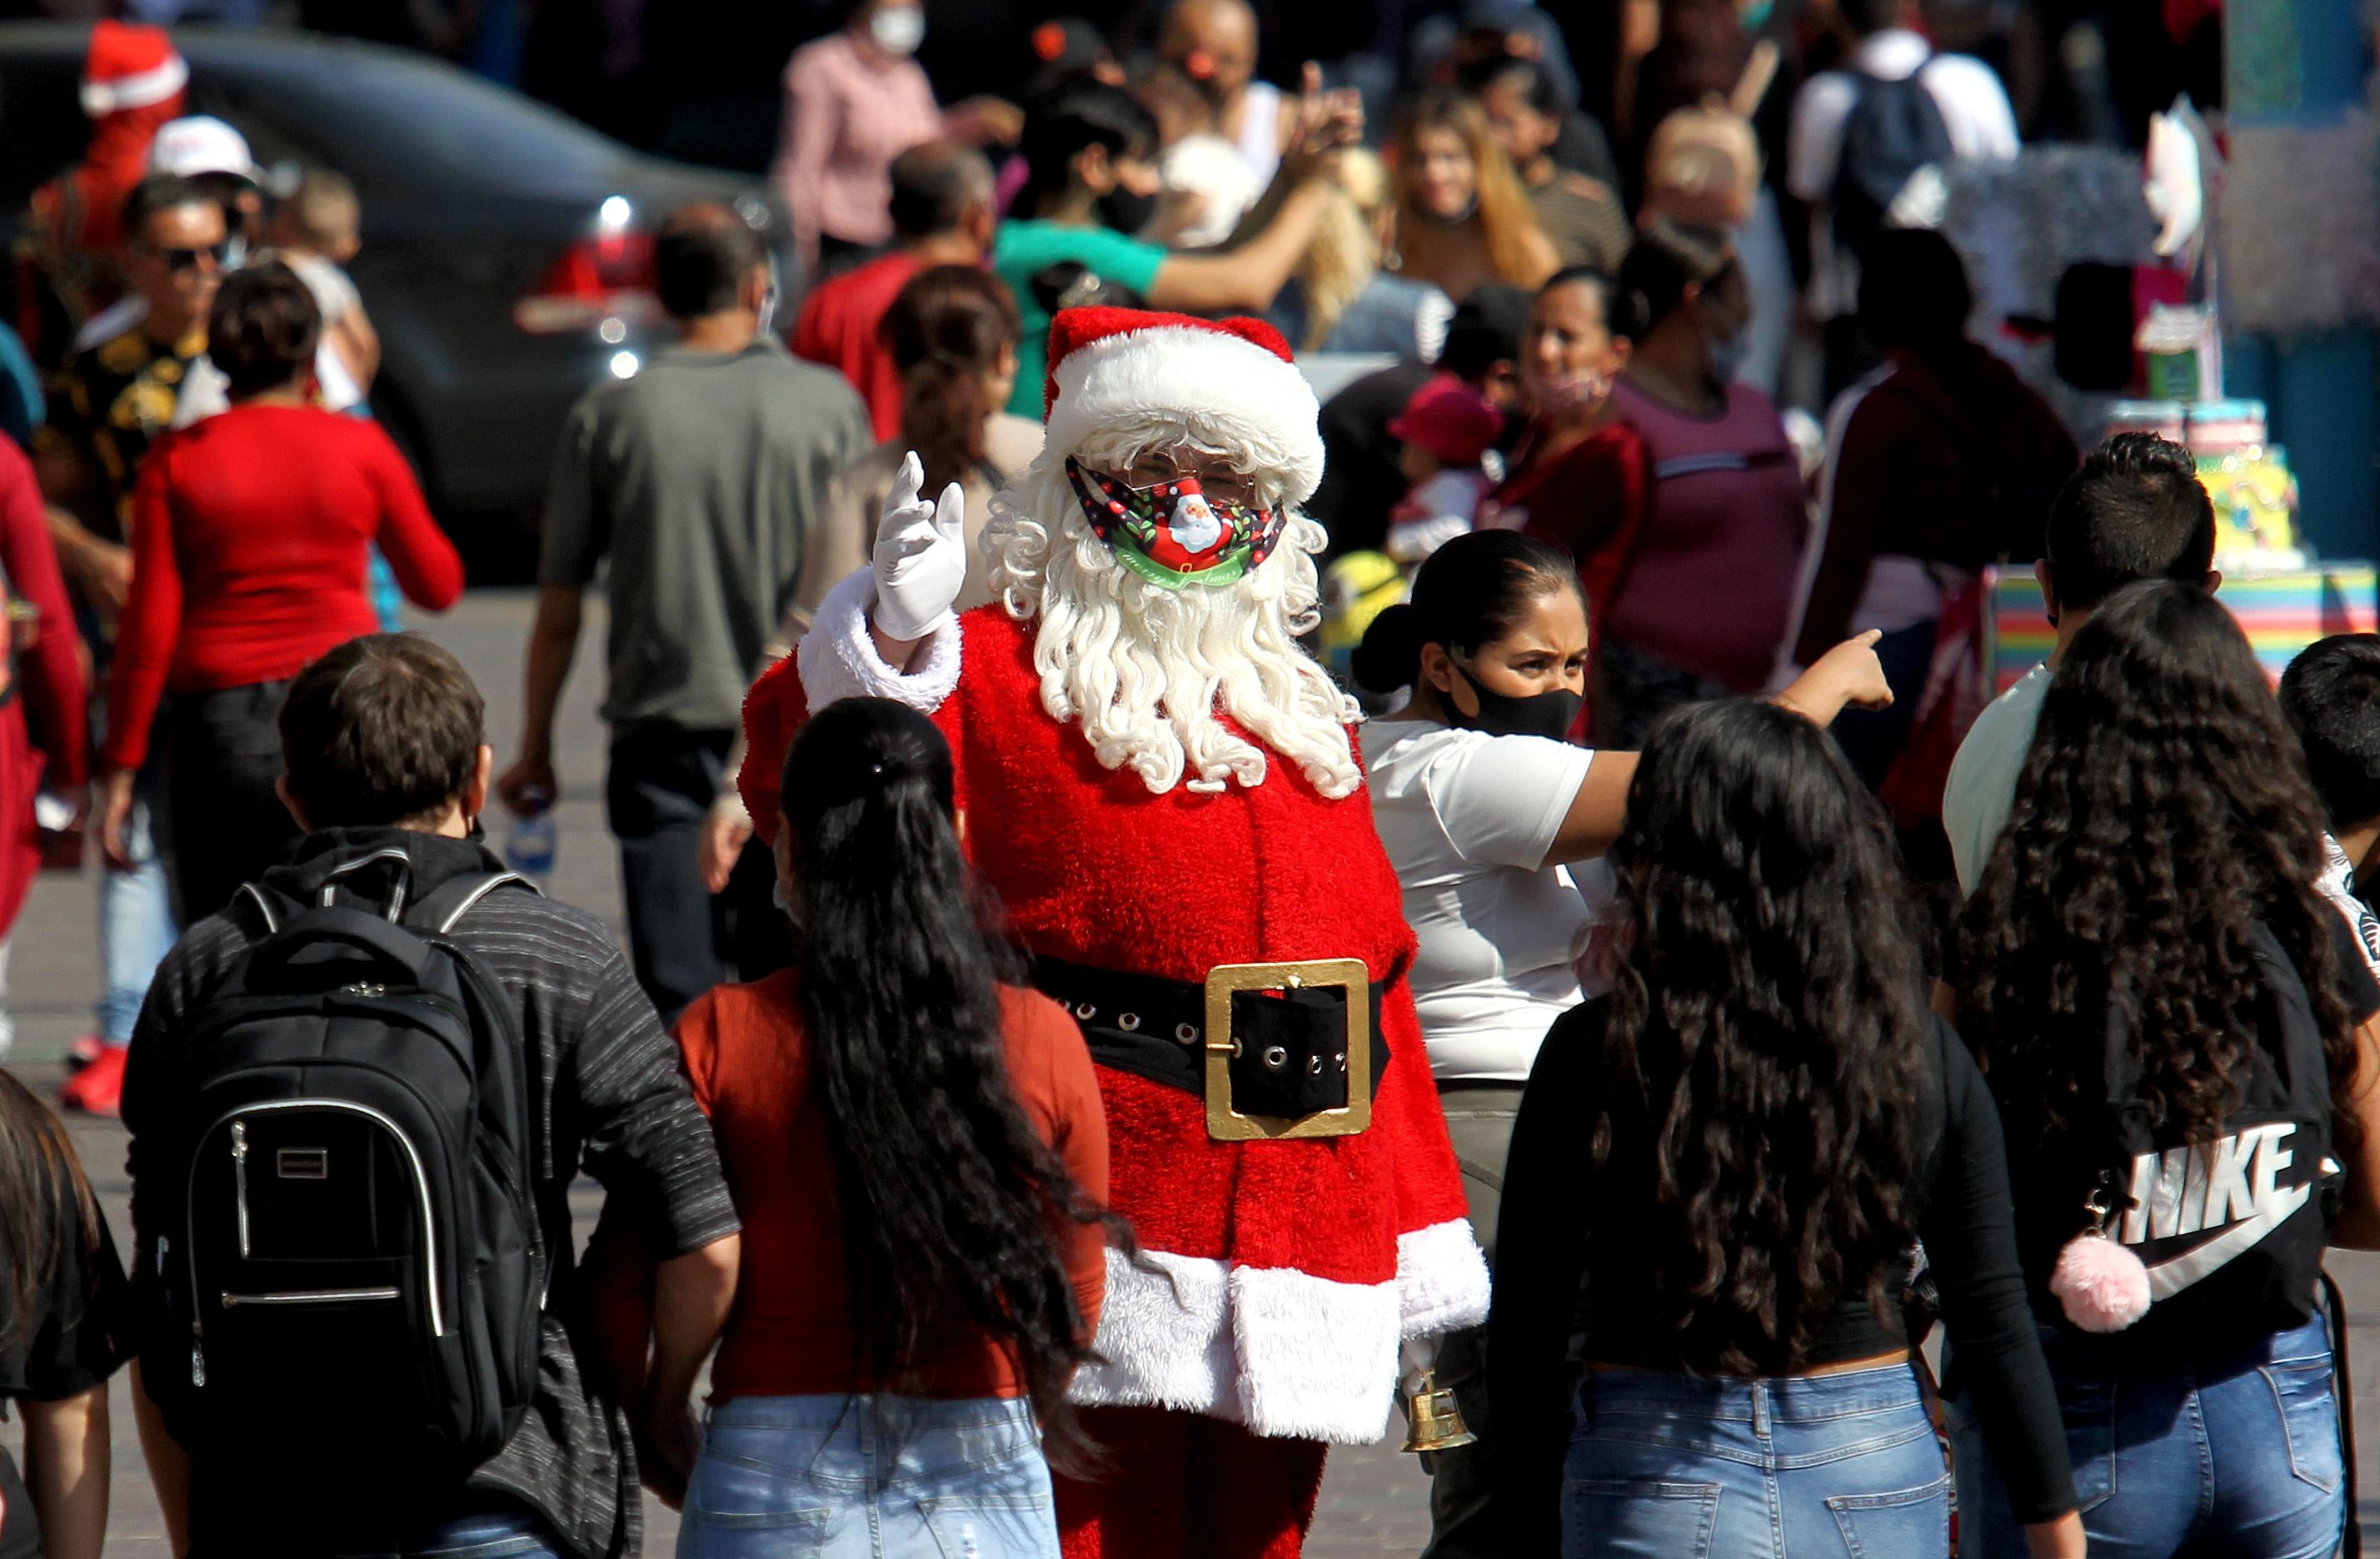 En taxi, un Papá Noel mexicano esquiva los apuros económicos de la pandemia